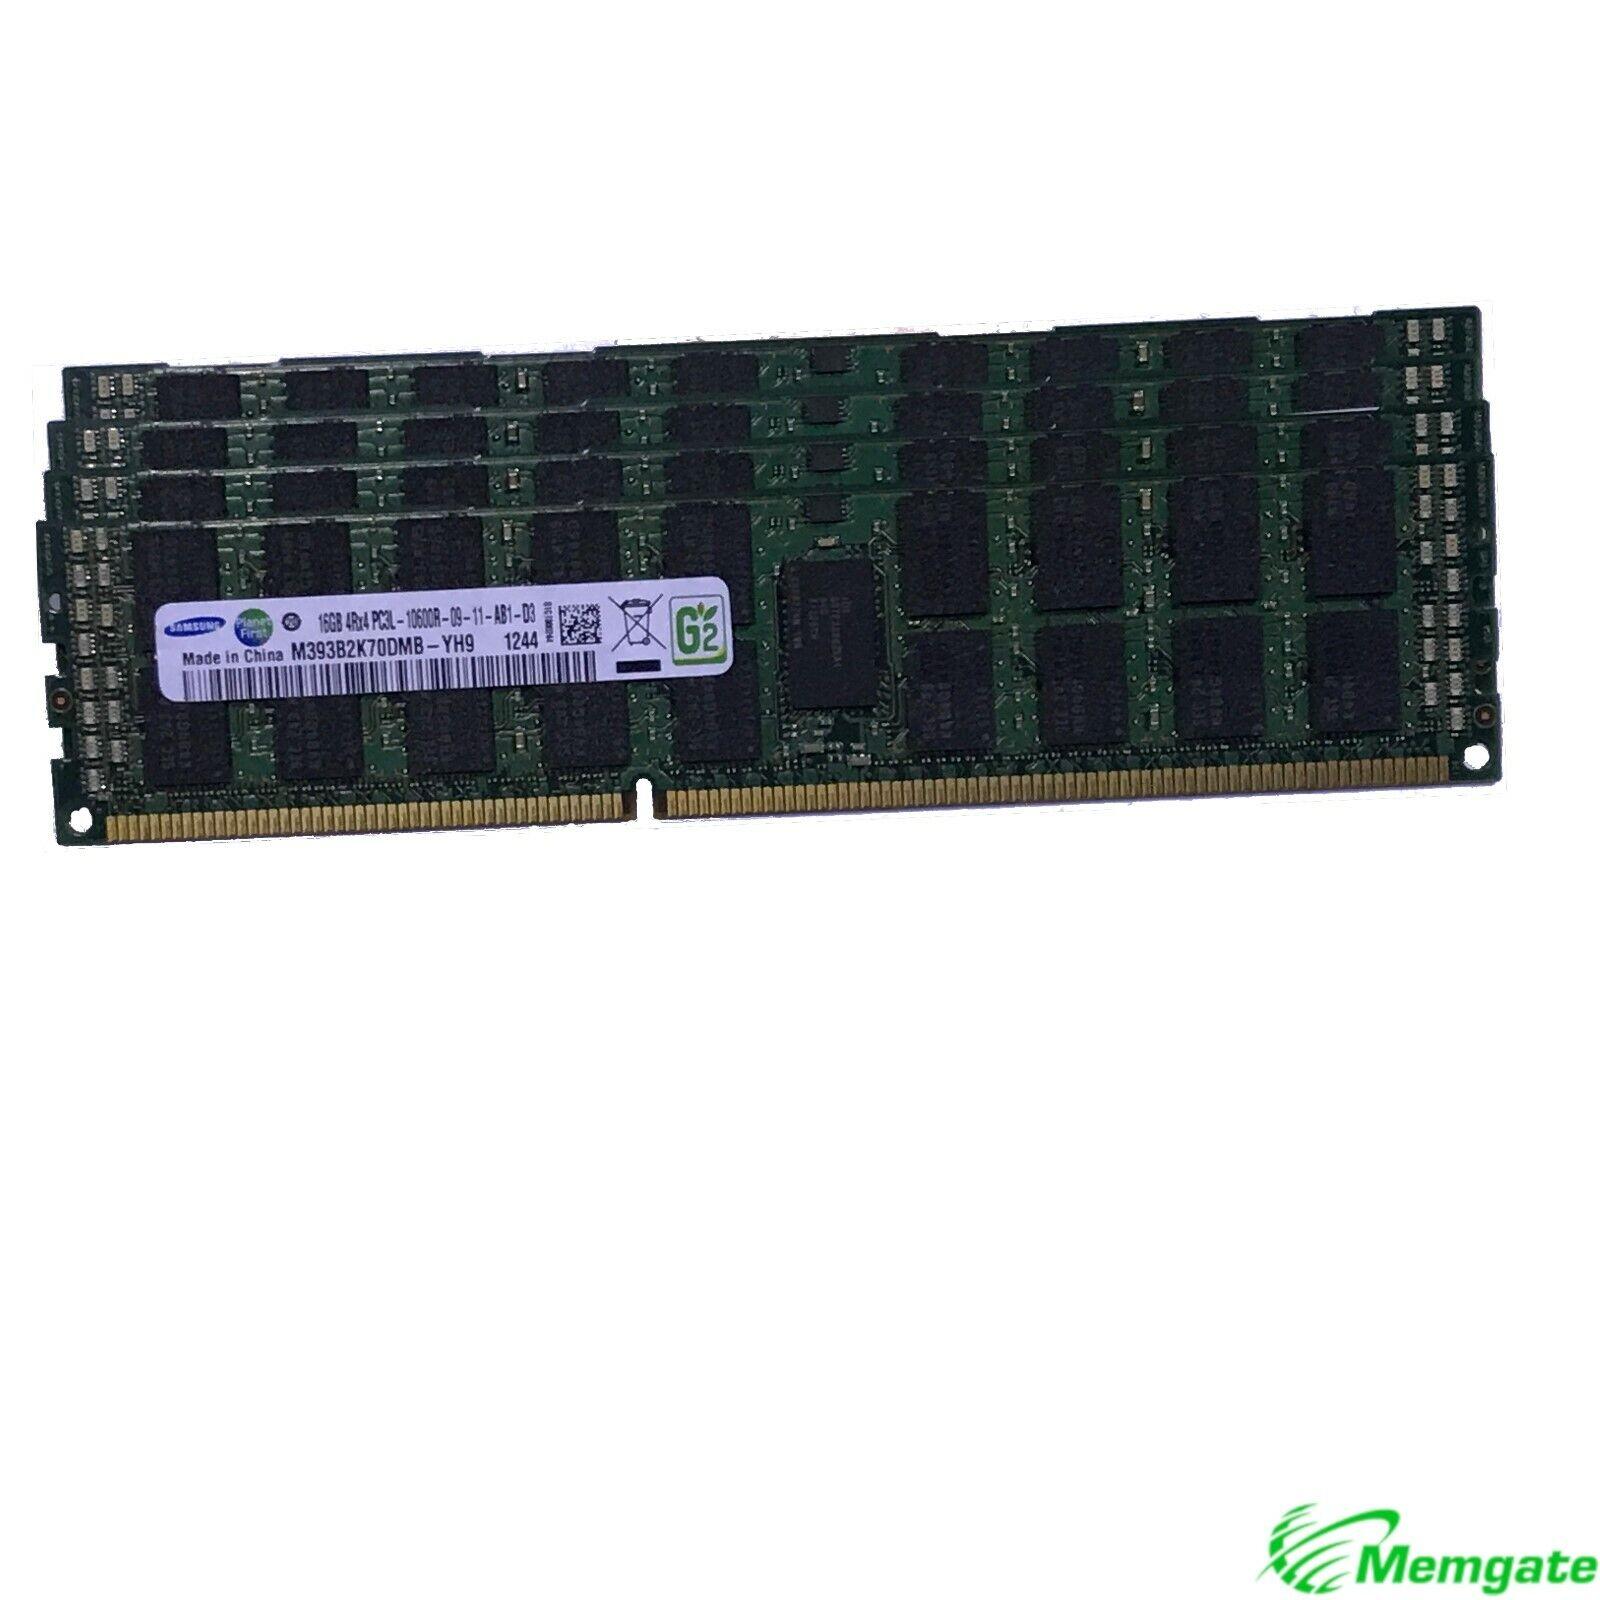 96GB DDR3 PC3-8500R 4Rx4 ECC Reg Server Memory RAM Dell PowerEdge R320 6x16GB